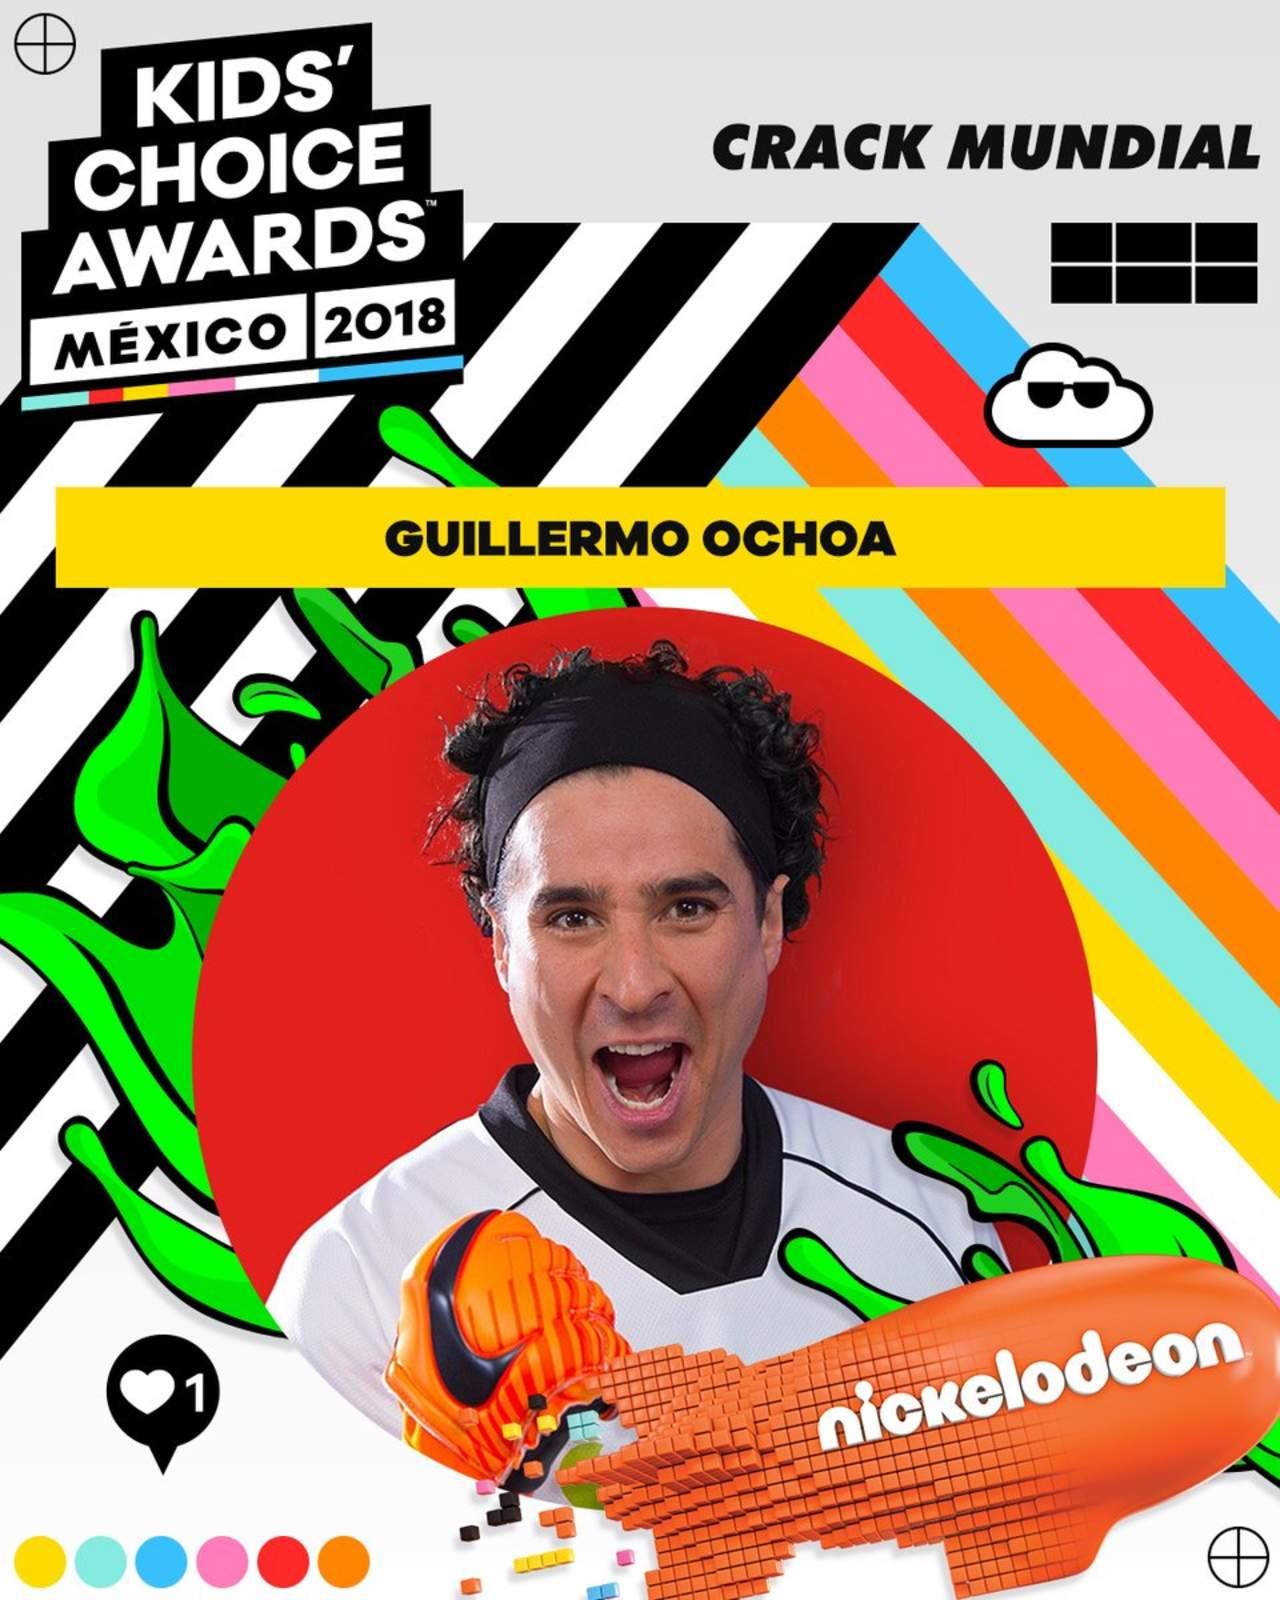 Nombran a Ochoa el crack del año en los Kids Choice Awards. Noticias en tiempo real